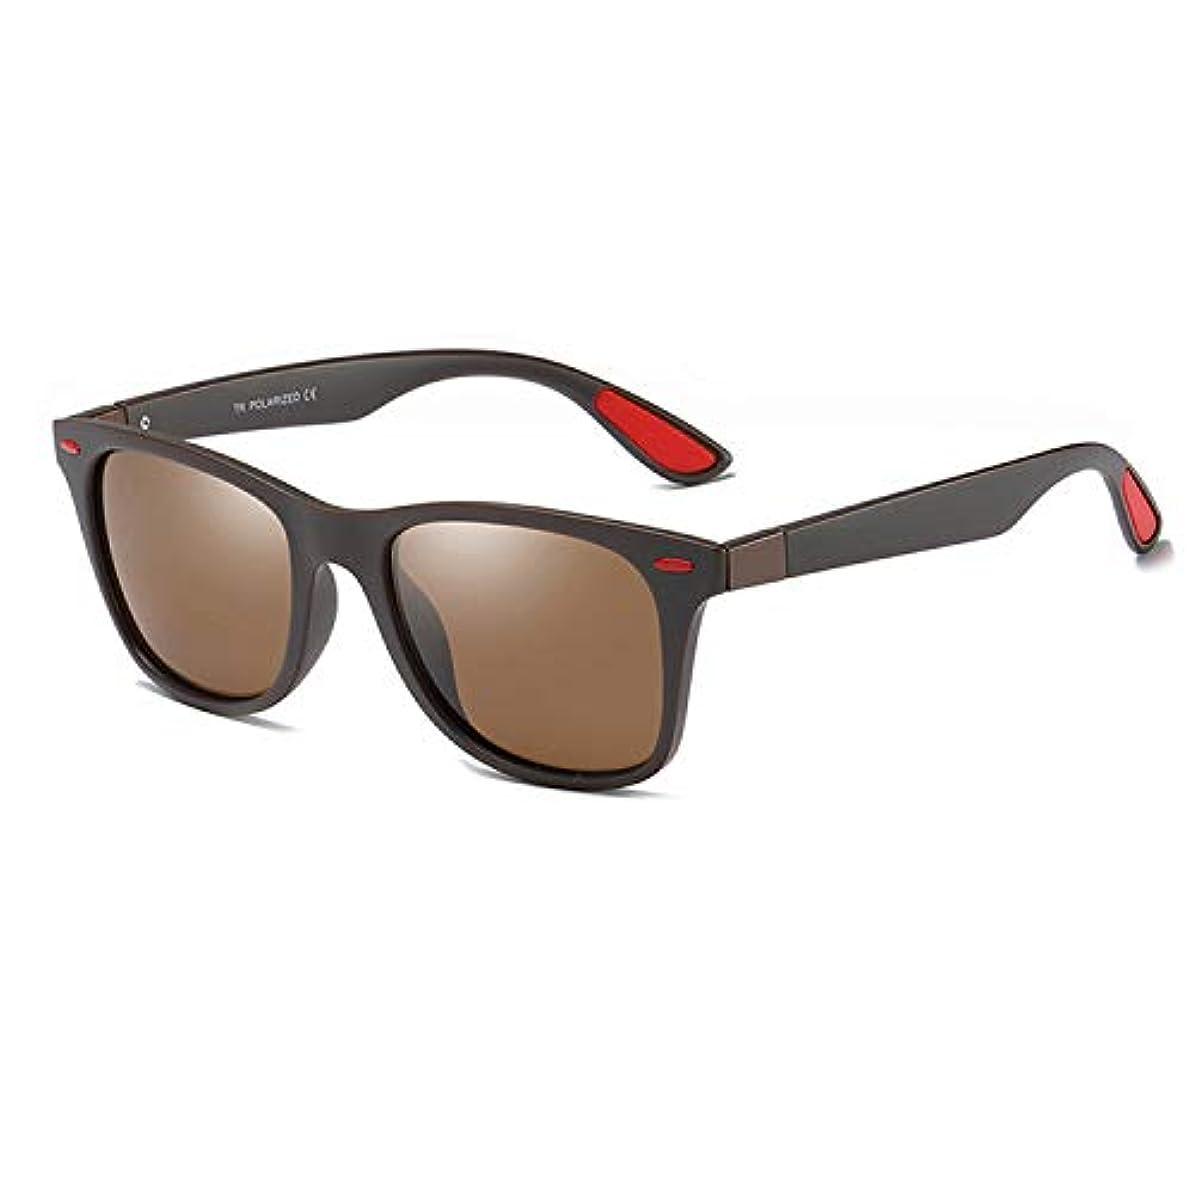 彼女方法男やもめ偏光スポーツサングラスTR90超軽量フレームドライビングサングラスシェード用男性女性野球ランニングサイクリング釣りゴルフ